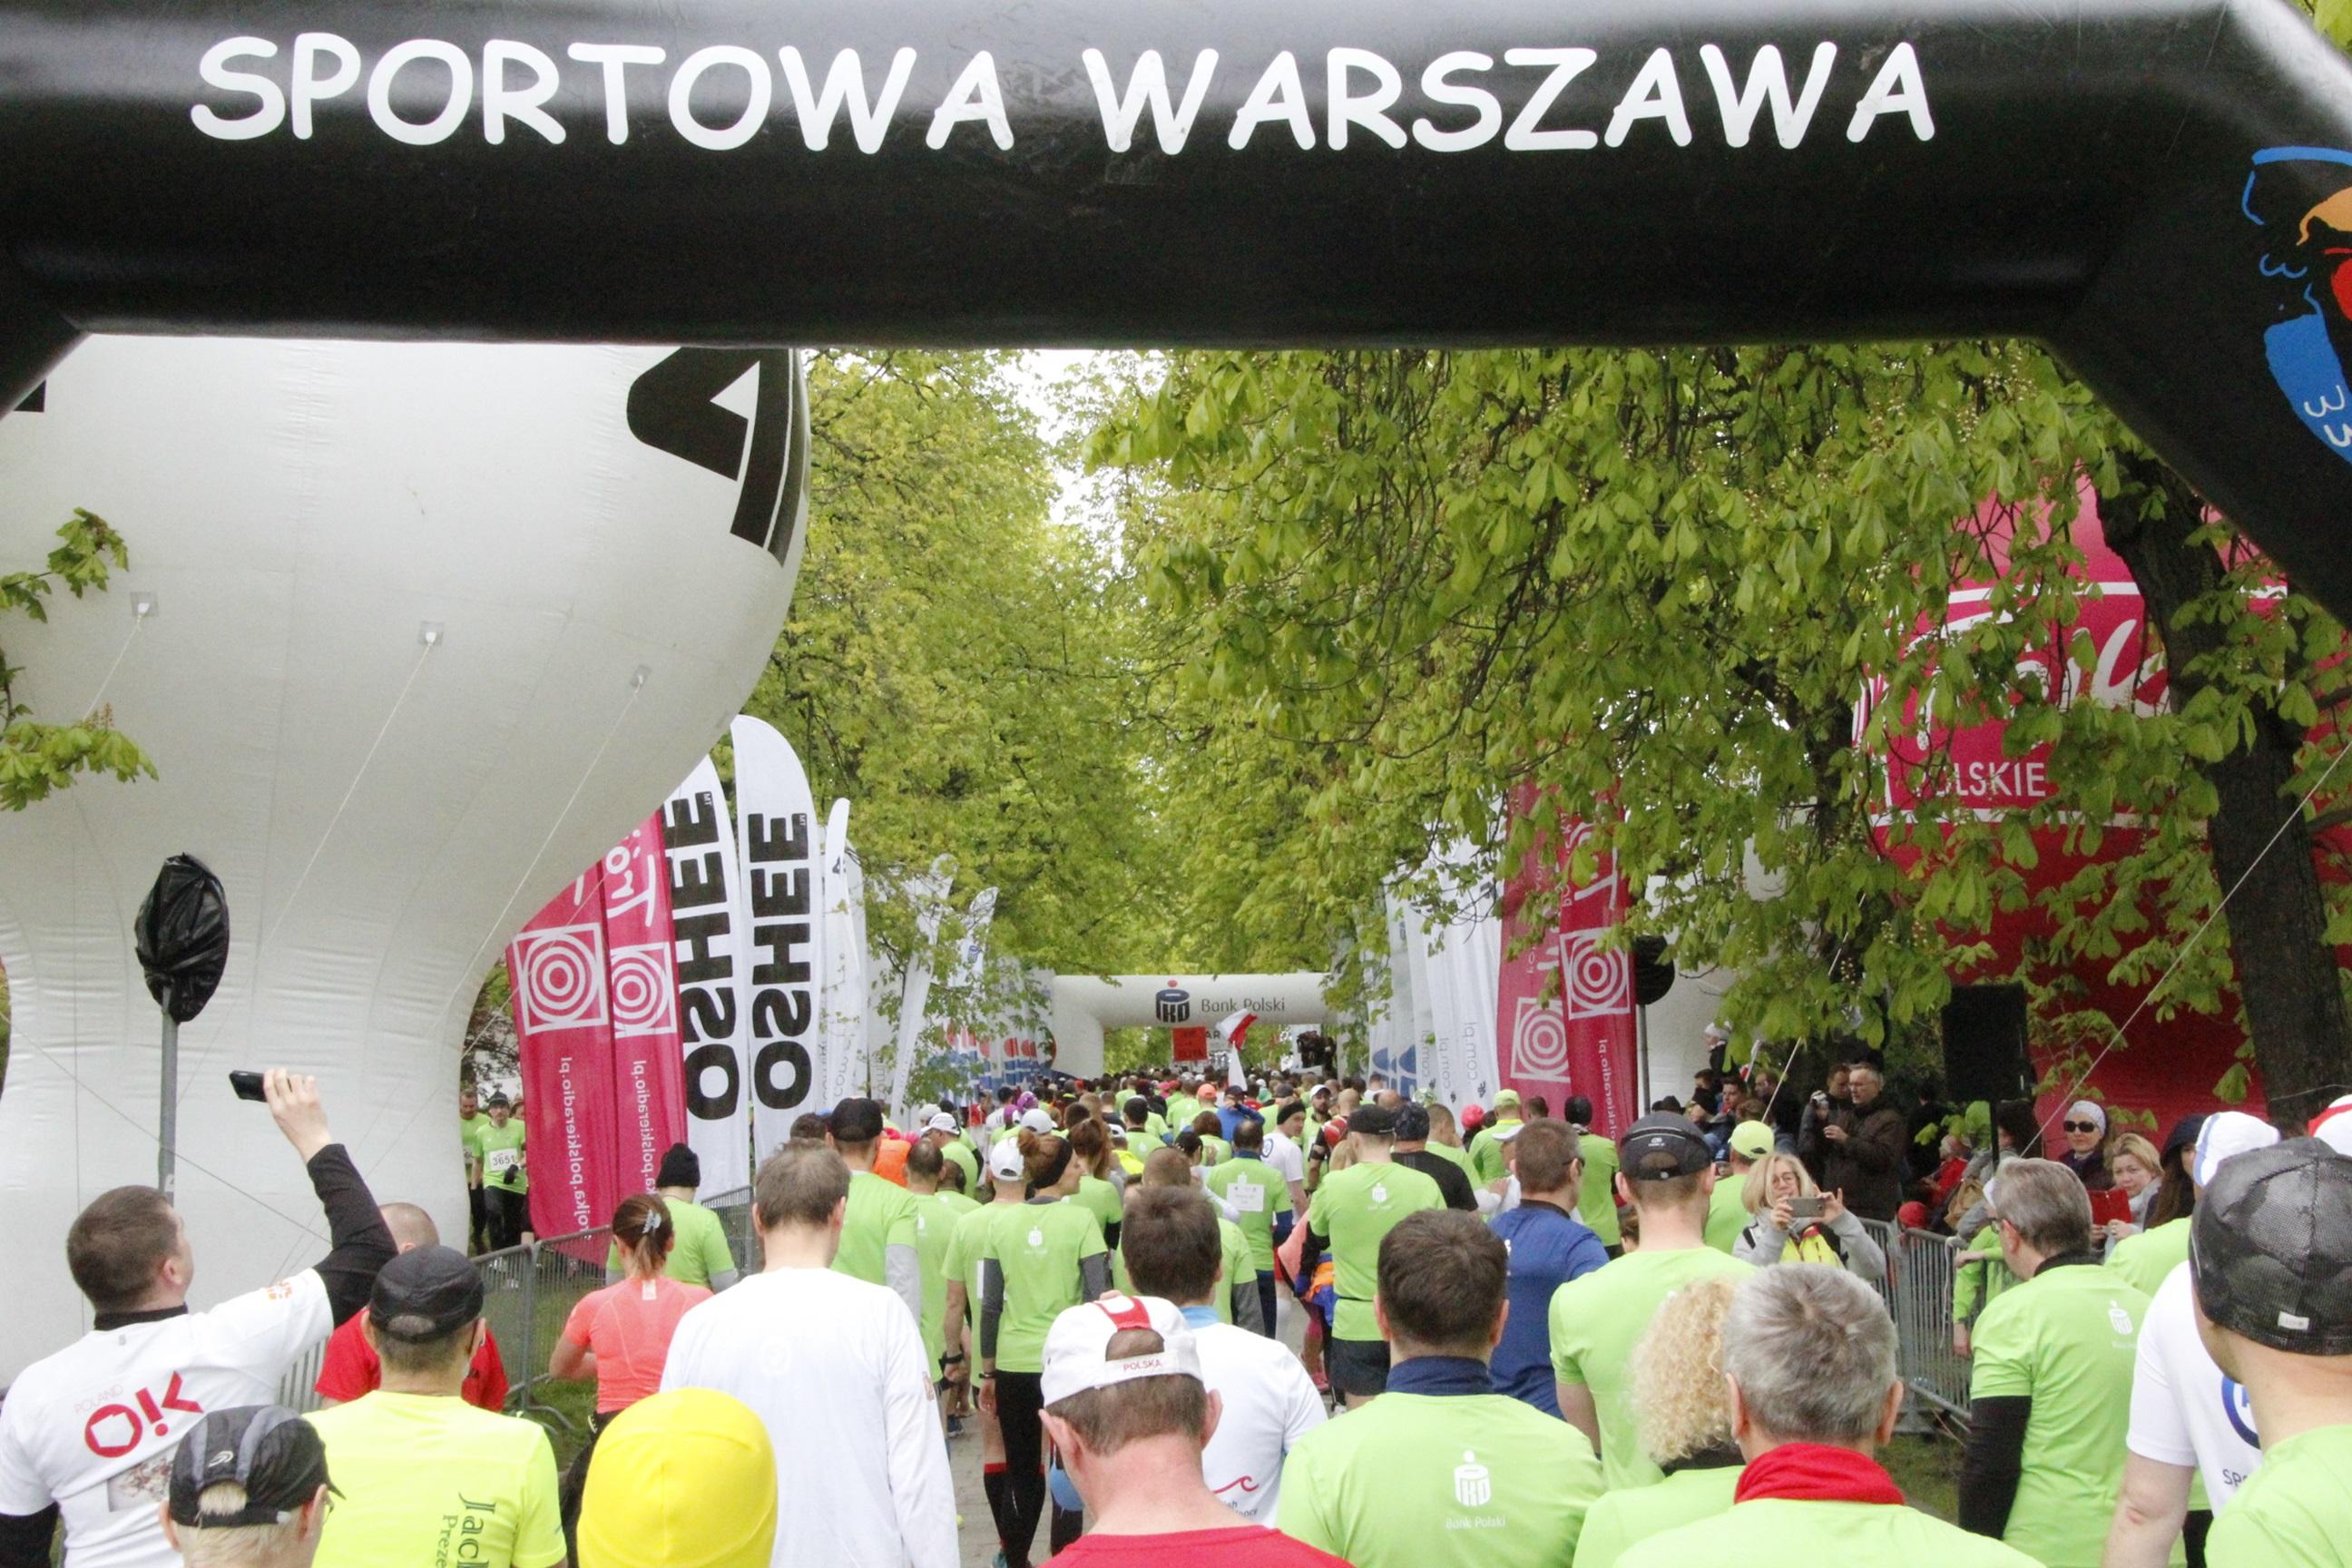 Patriotyczne bieganie w Warszawie.